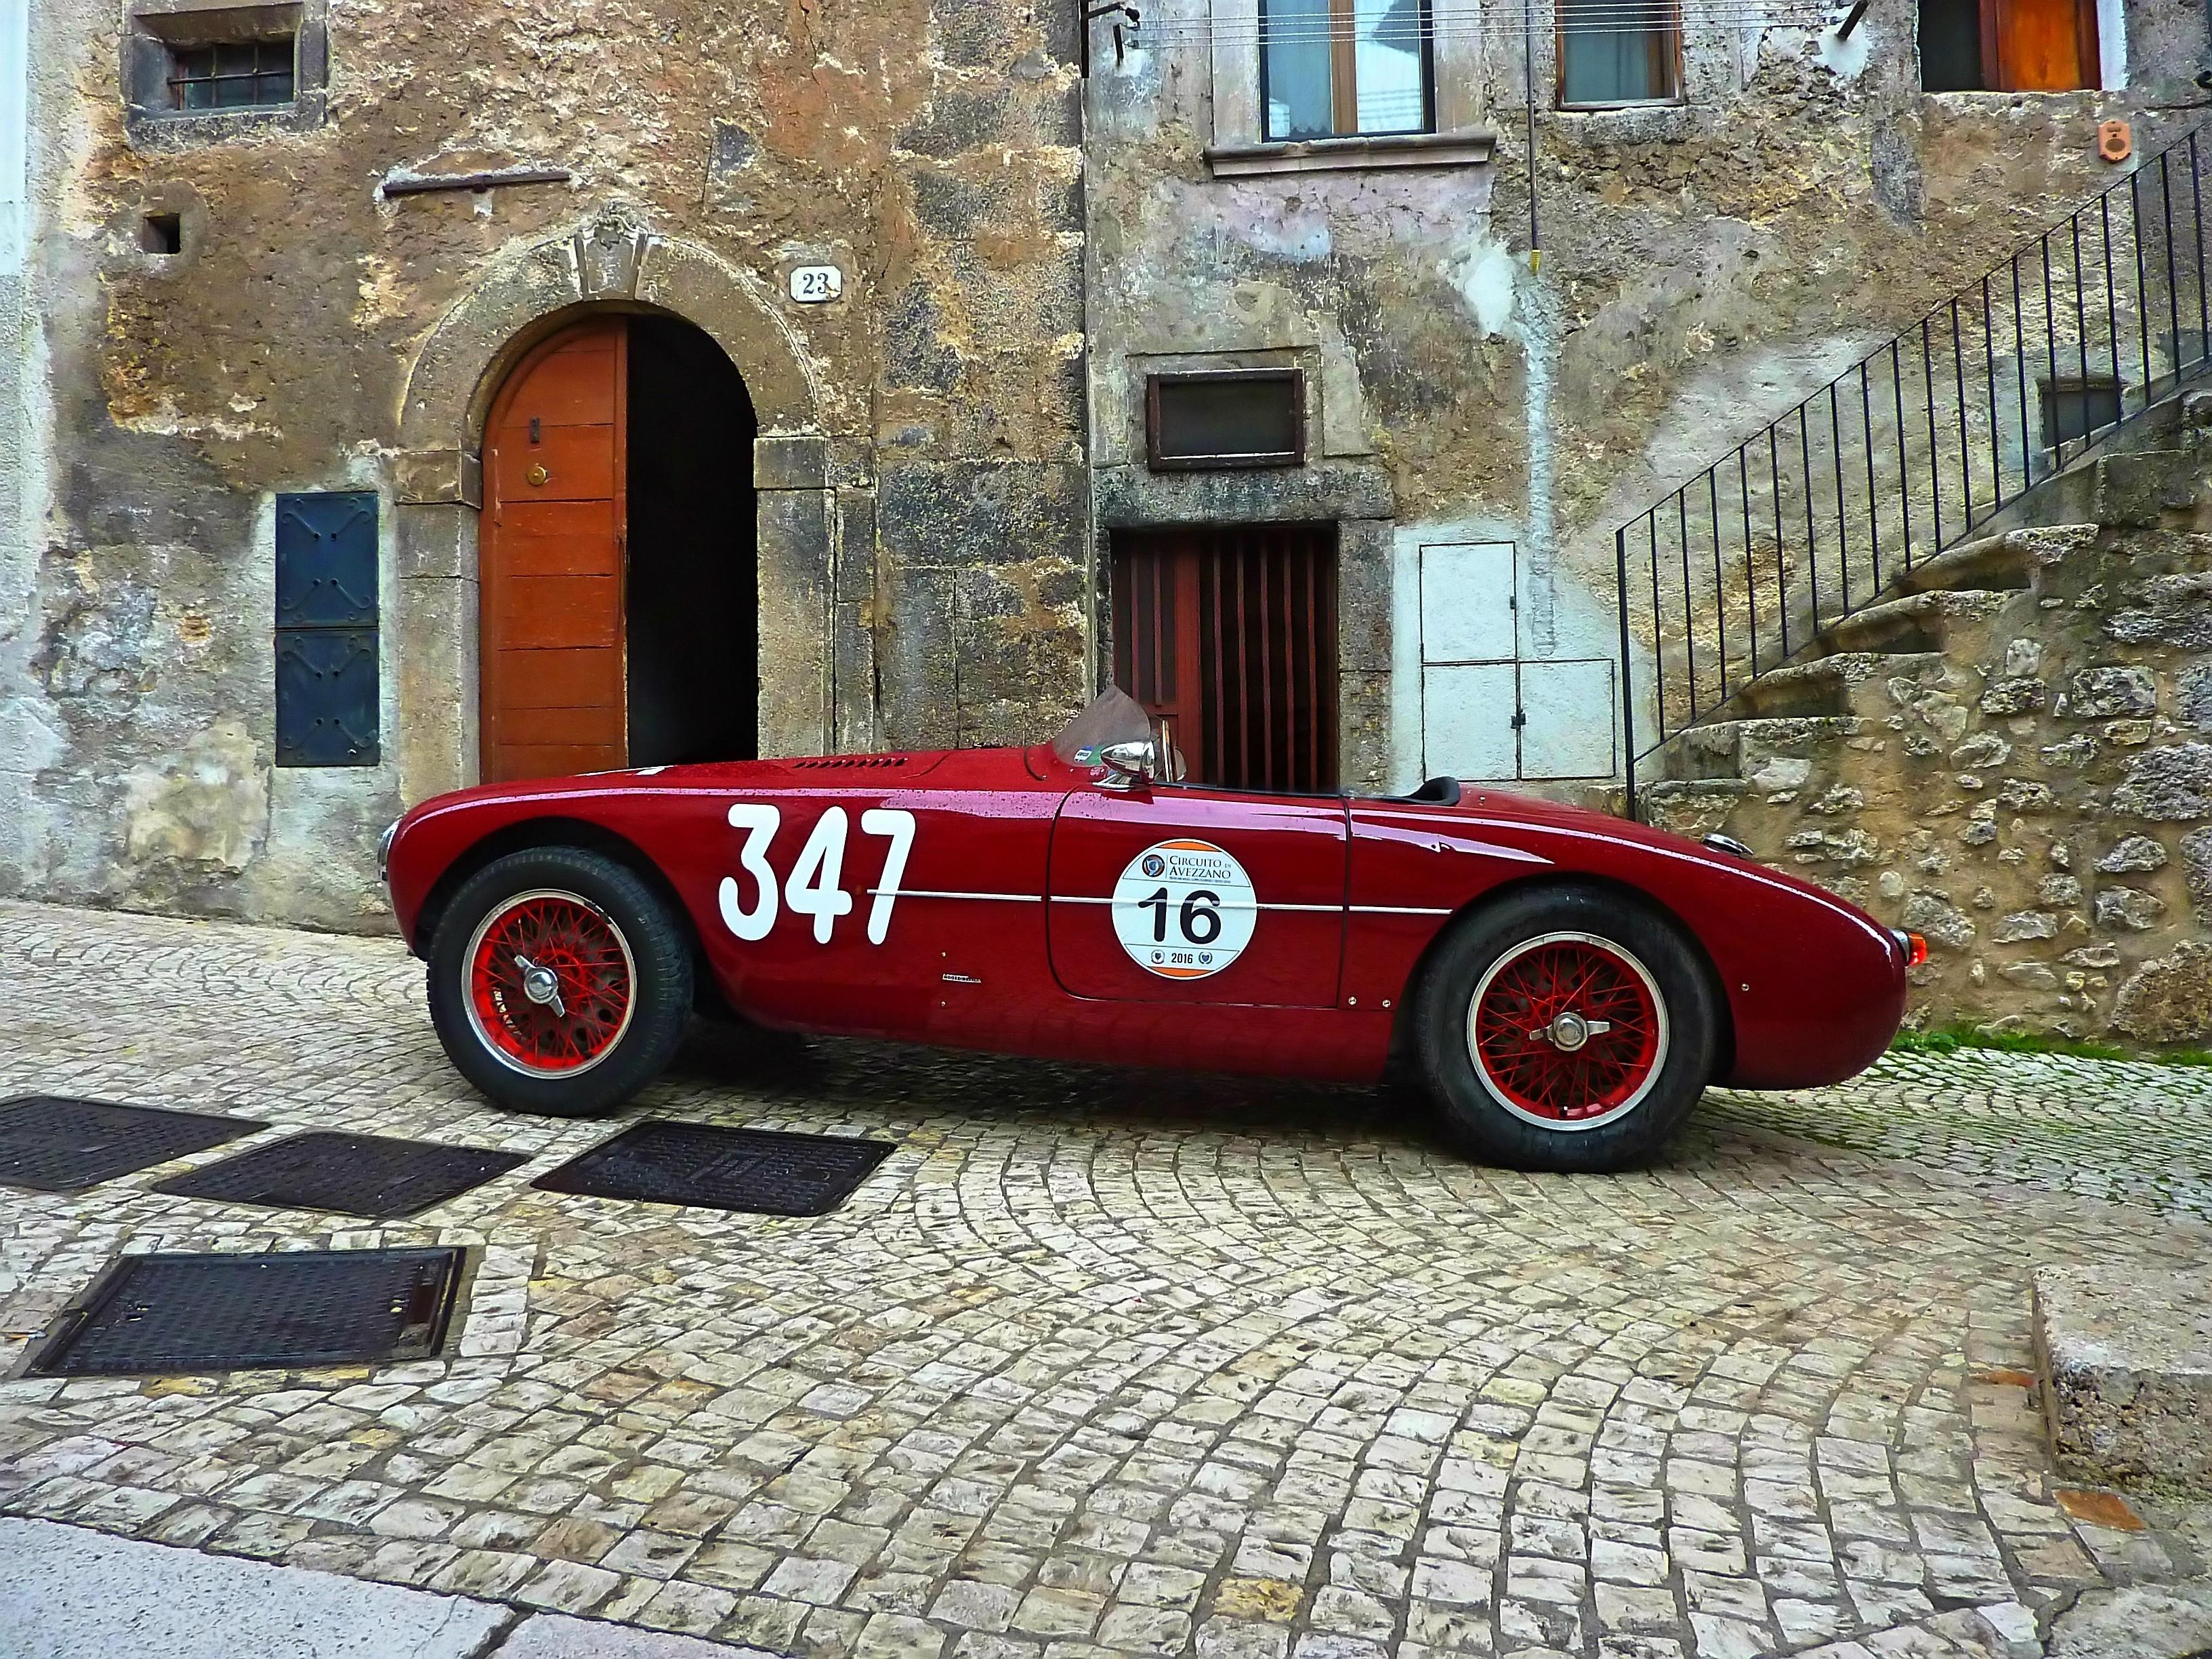 1952 Ermini 1100 Sport Internazionale by Motto (20)